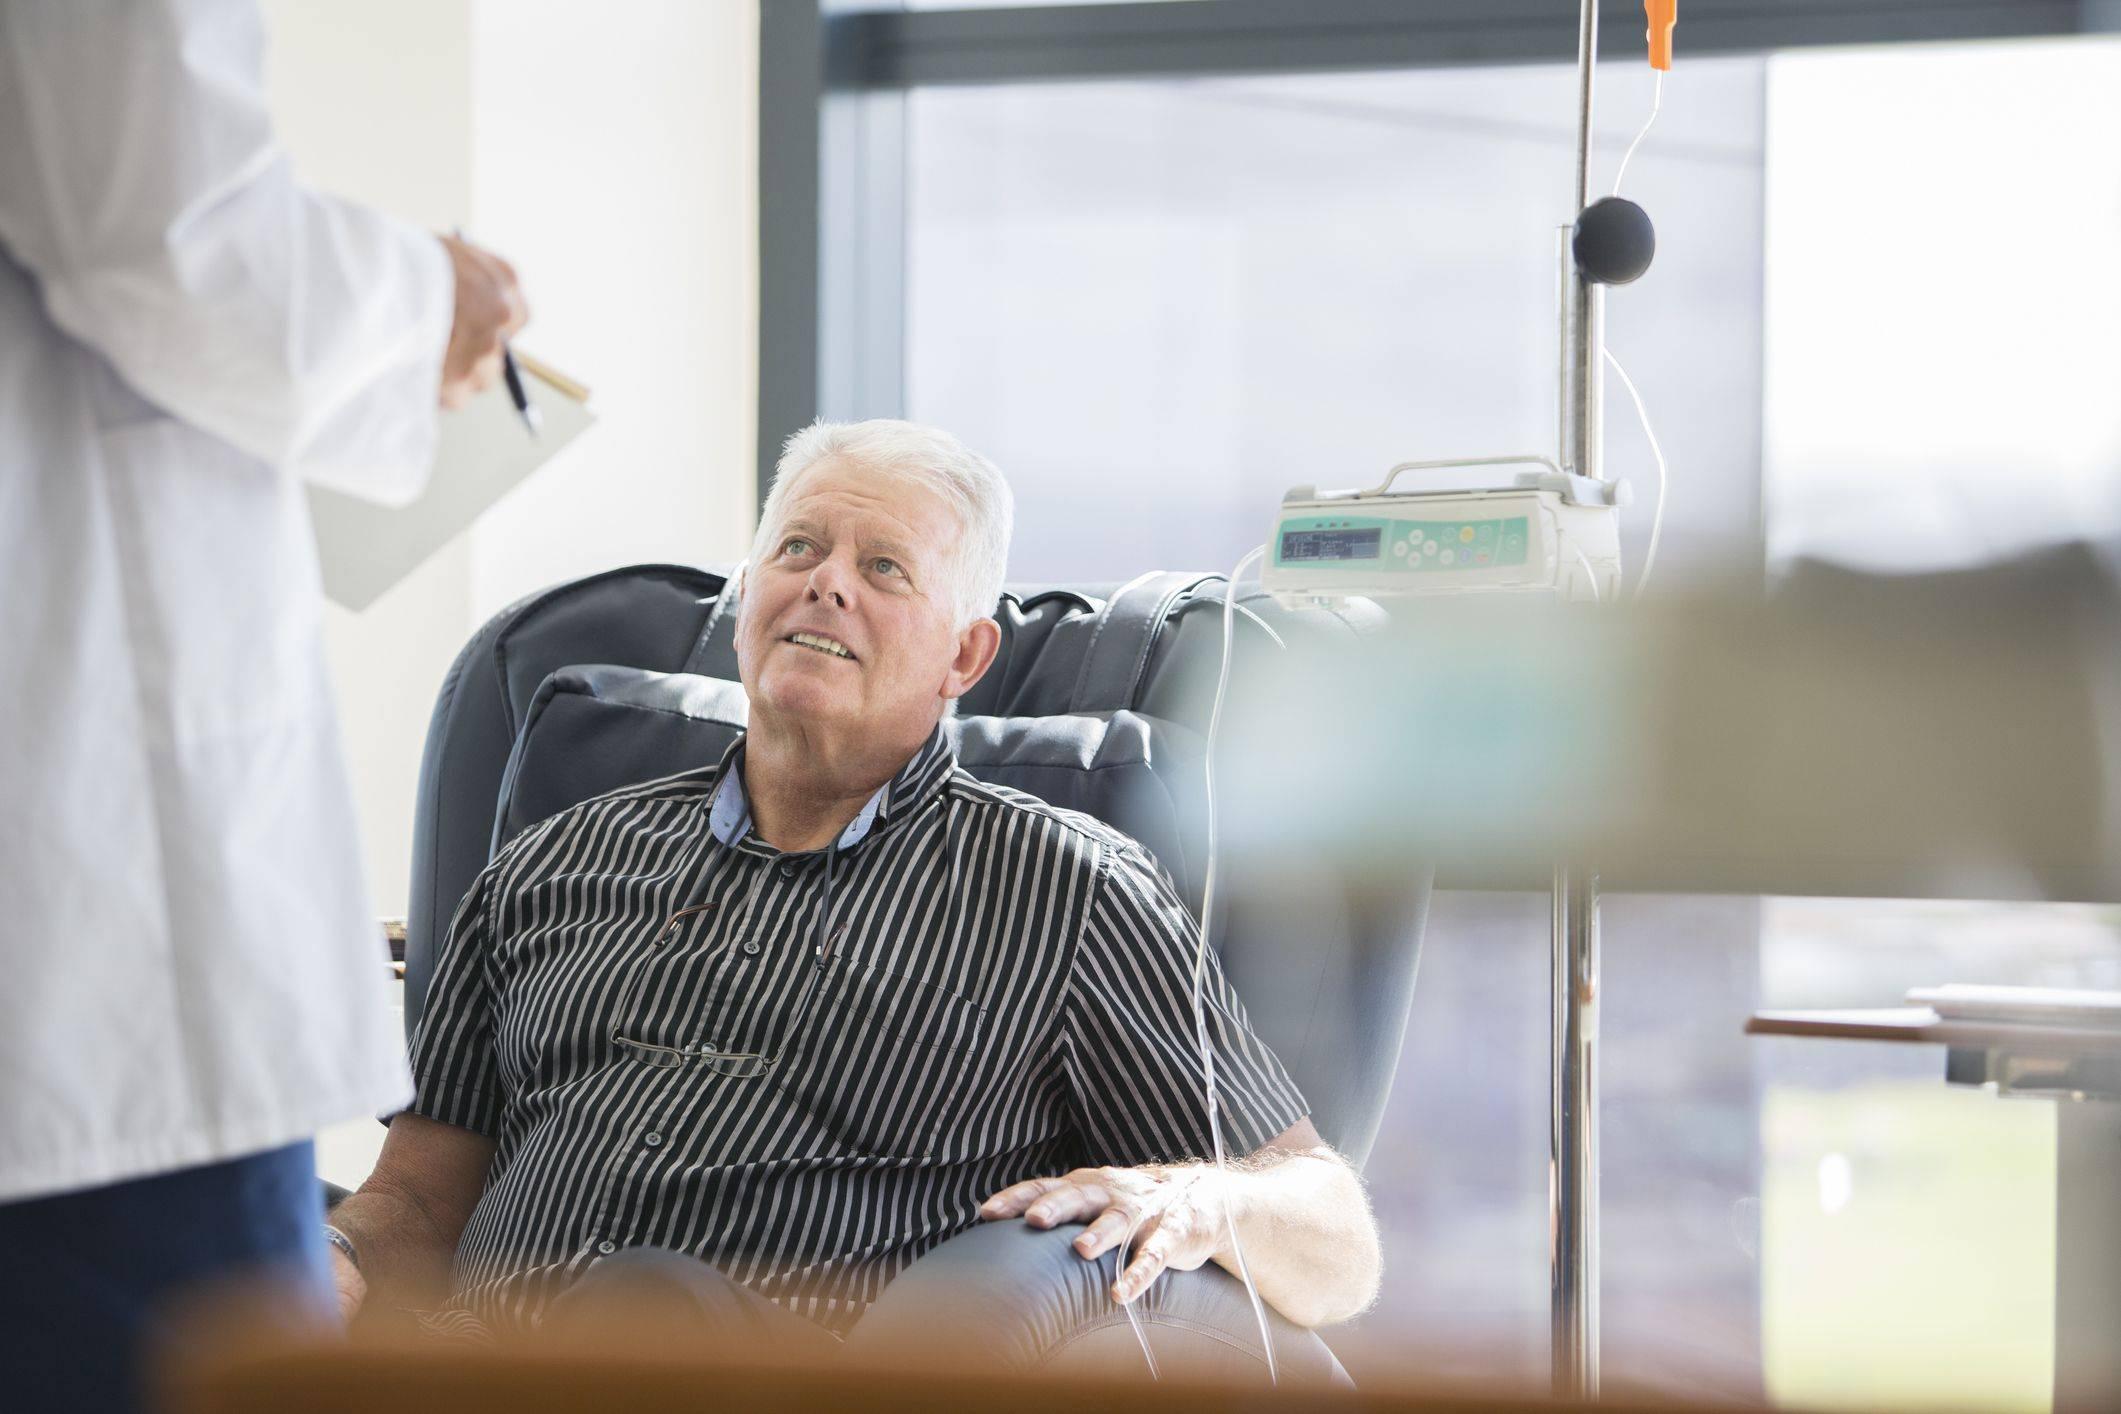 Лечение рака легких в израиле, цены 15 000$ - 25 000$